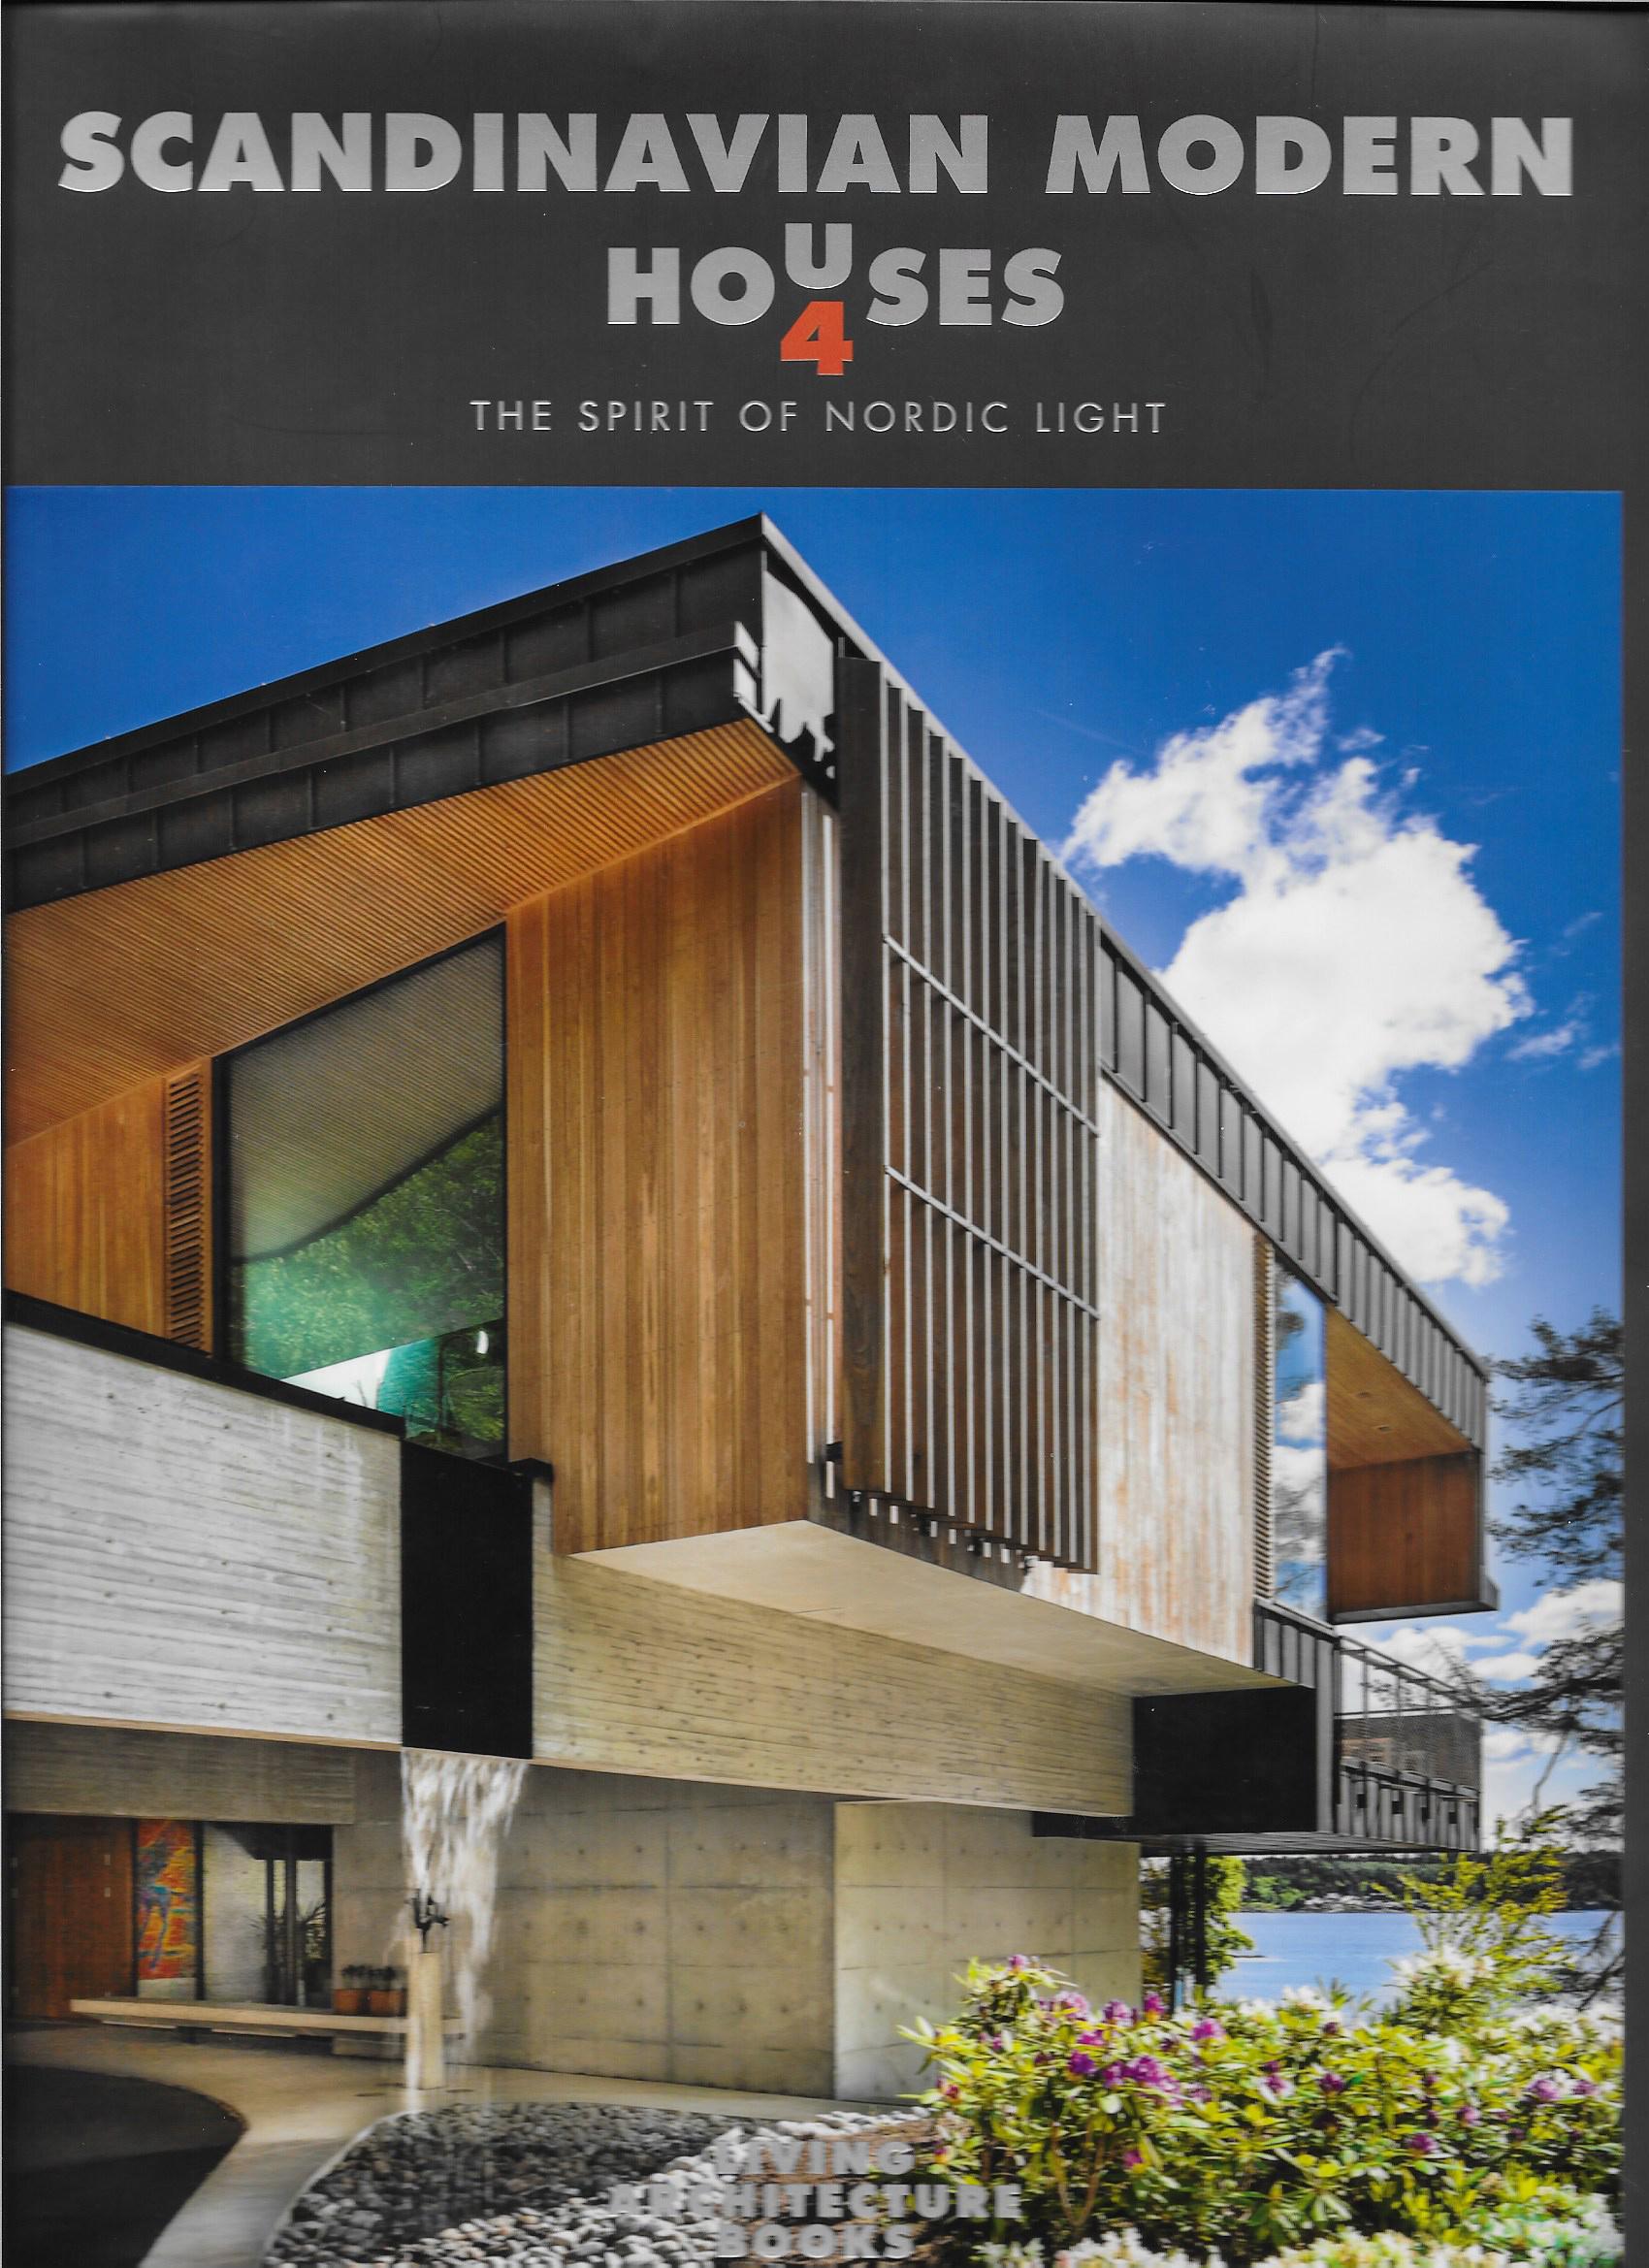 Scandinavian modern houses 4 woodsolutions - Scandinavian houses ...